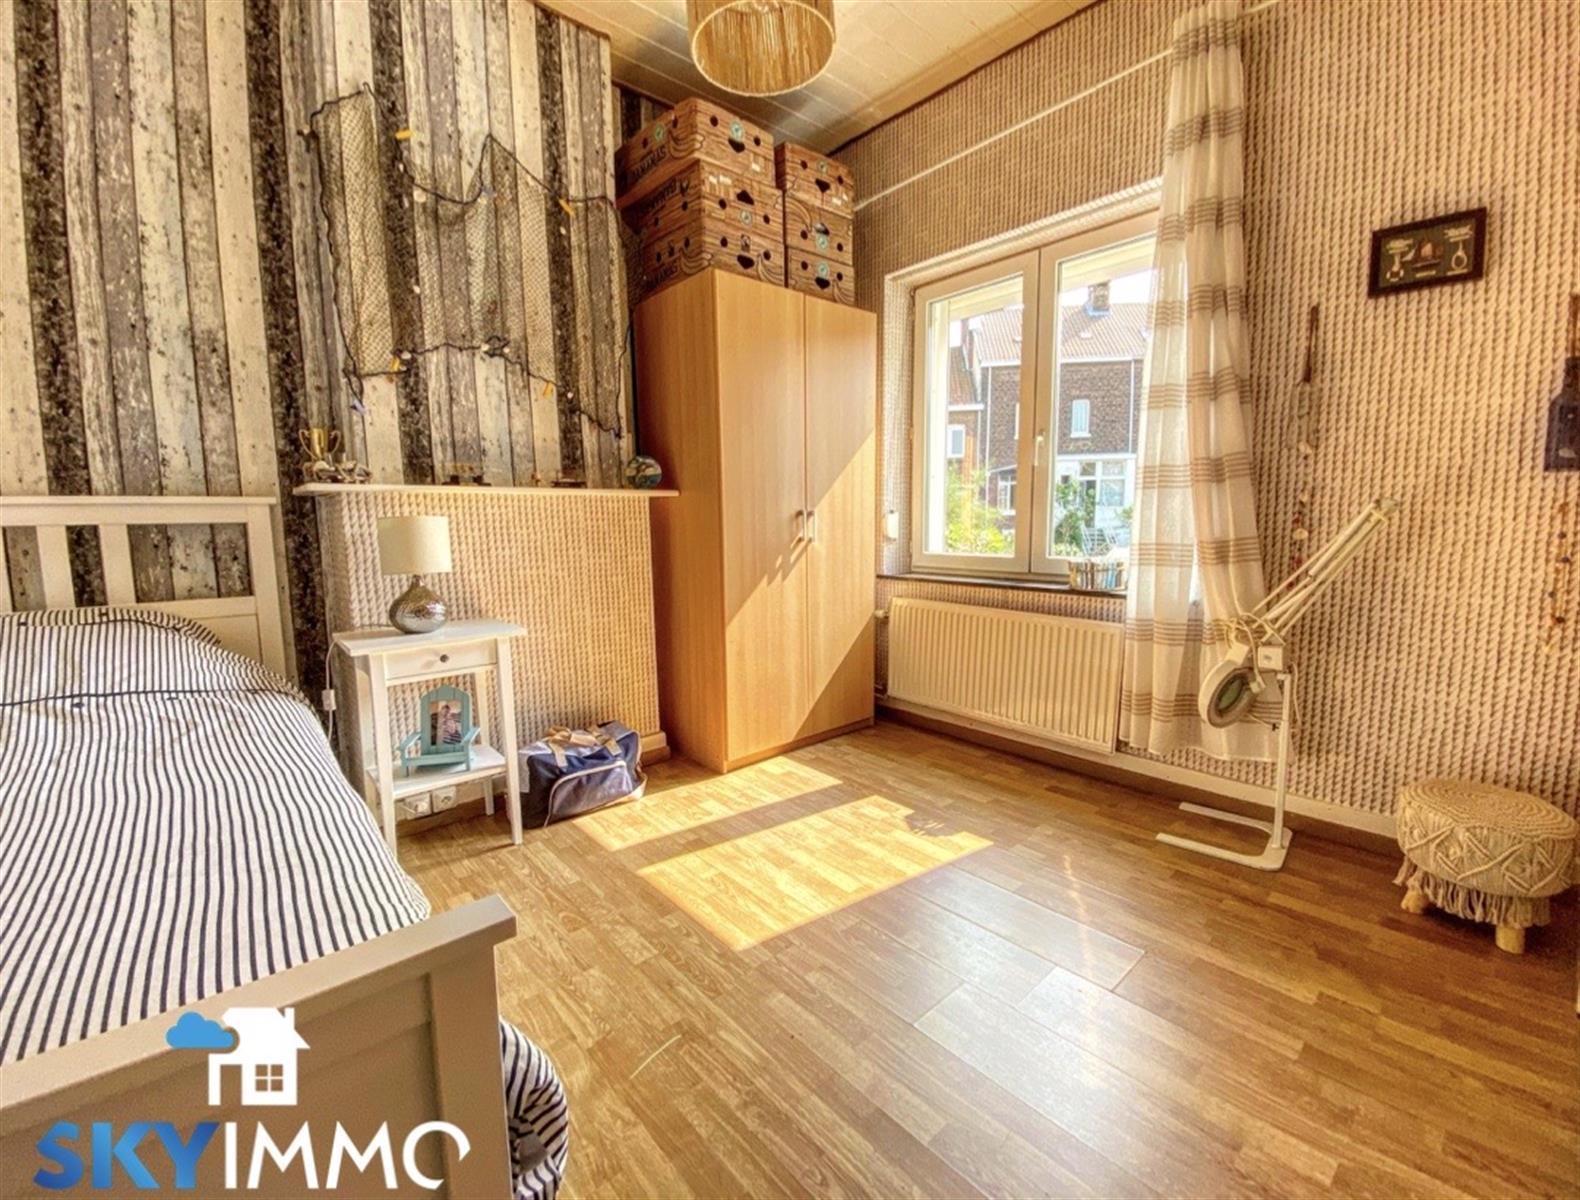 Maison - Liege - #4147640-19